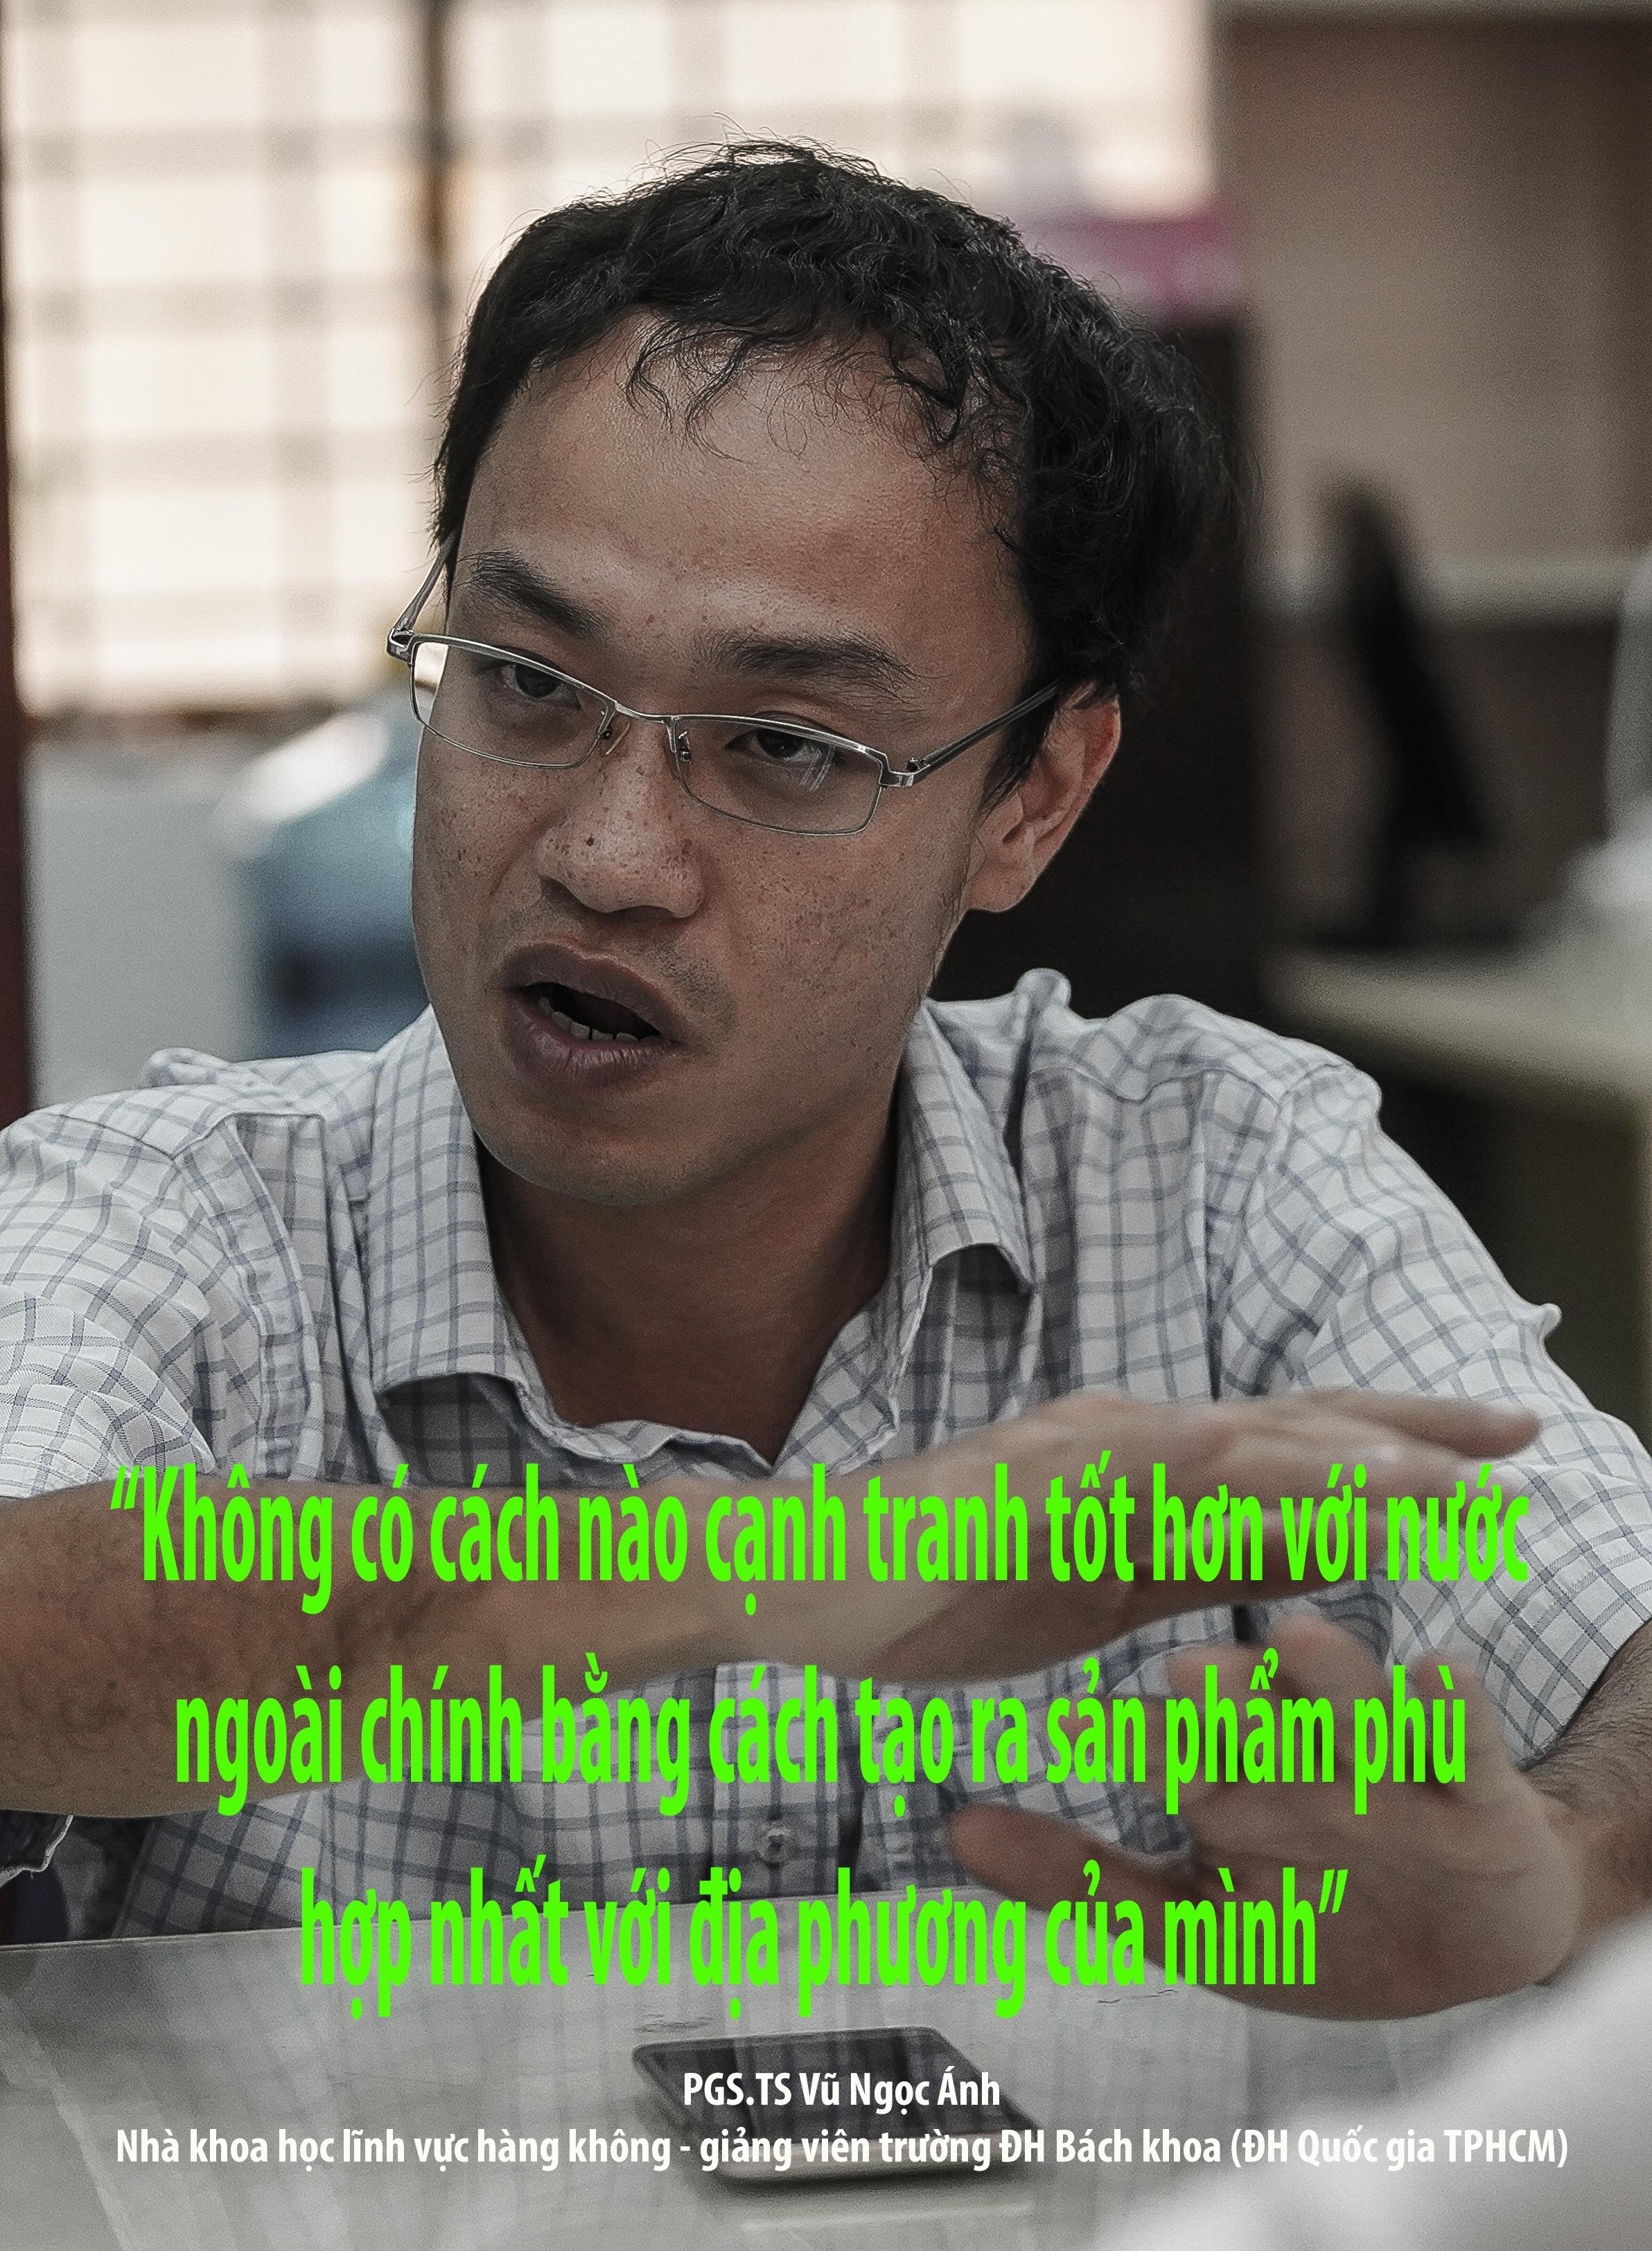 Phó giáo sư 37 tuổi chế tạo máy bay dành cho nhà nông - 30